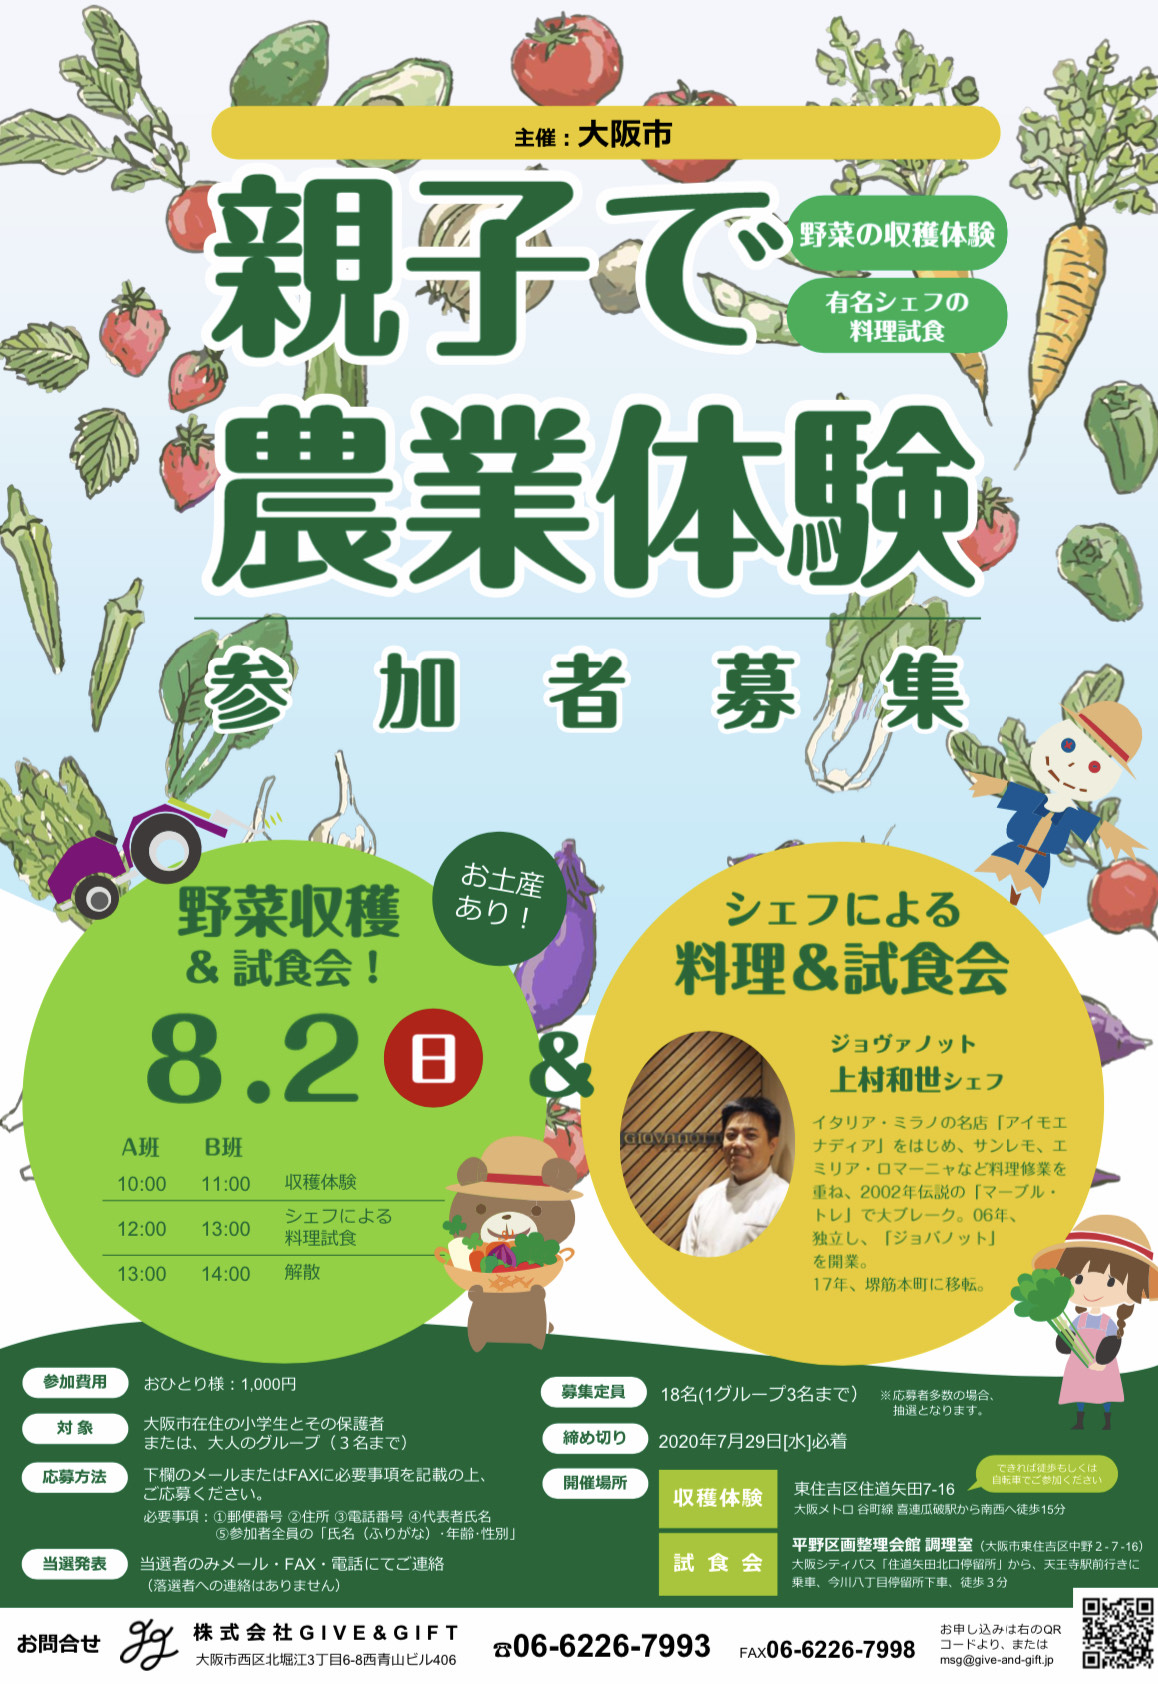 大阪市東住吉区の畑で、農業体験イベントを開催します